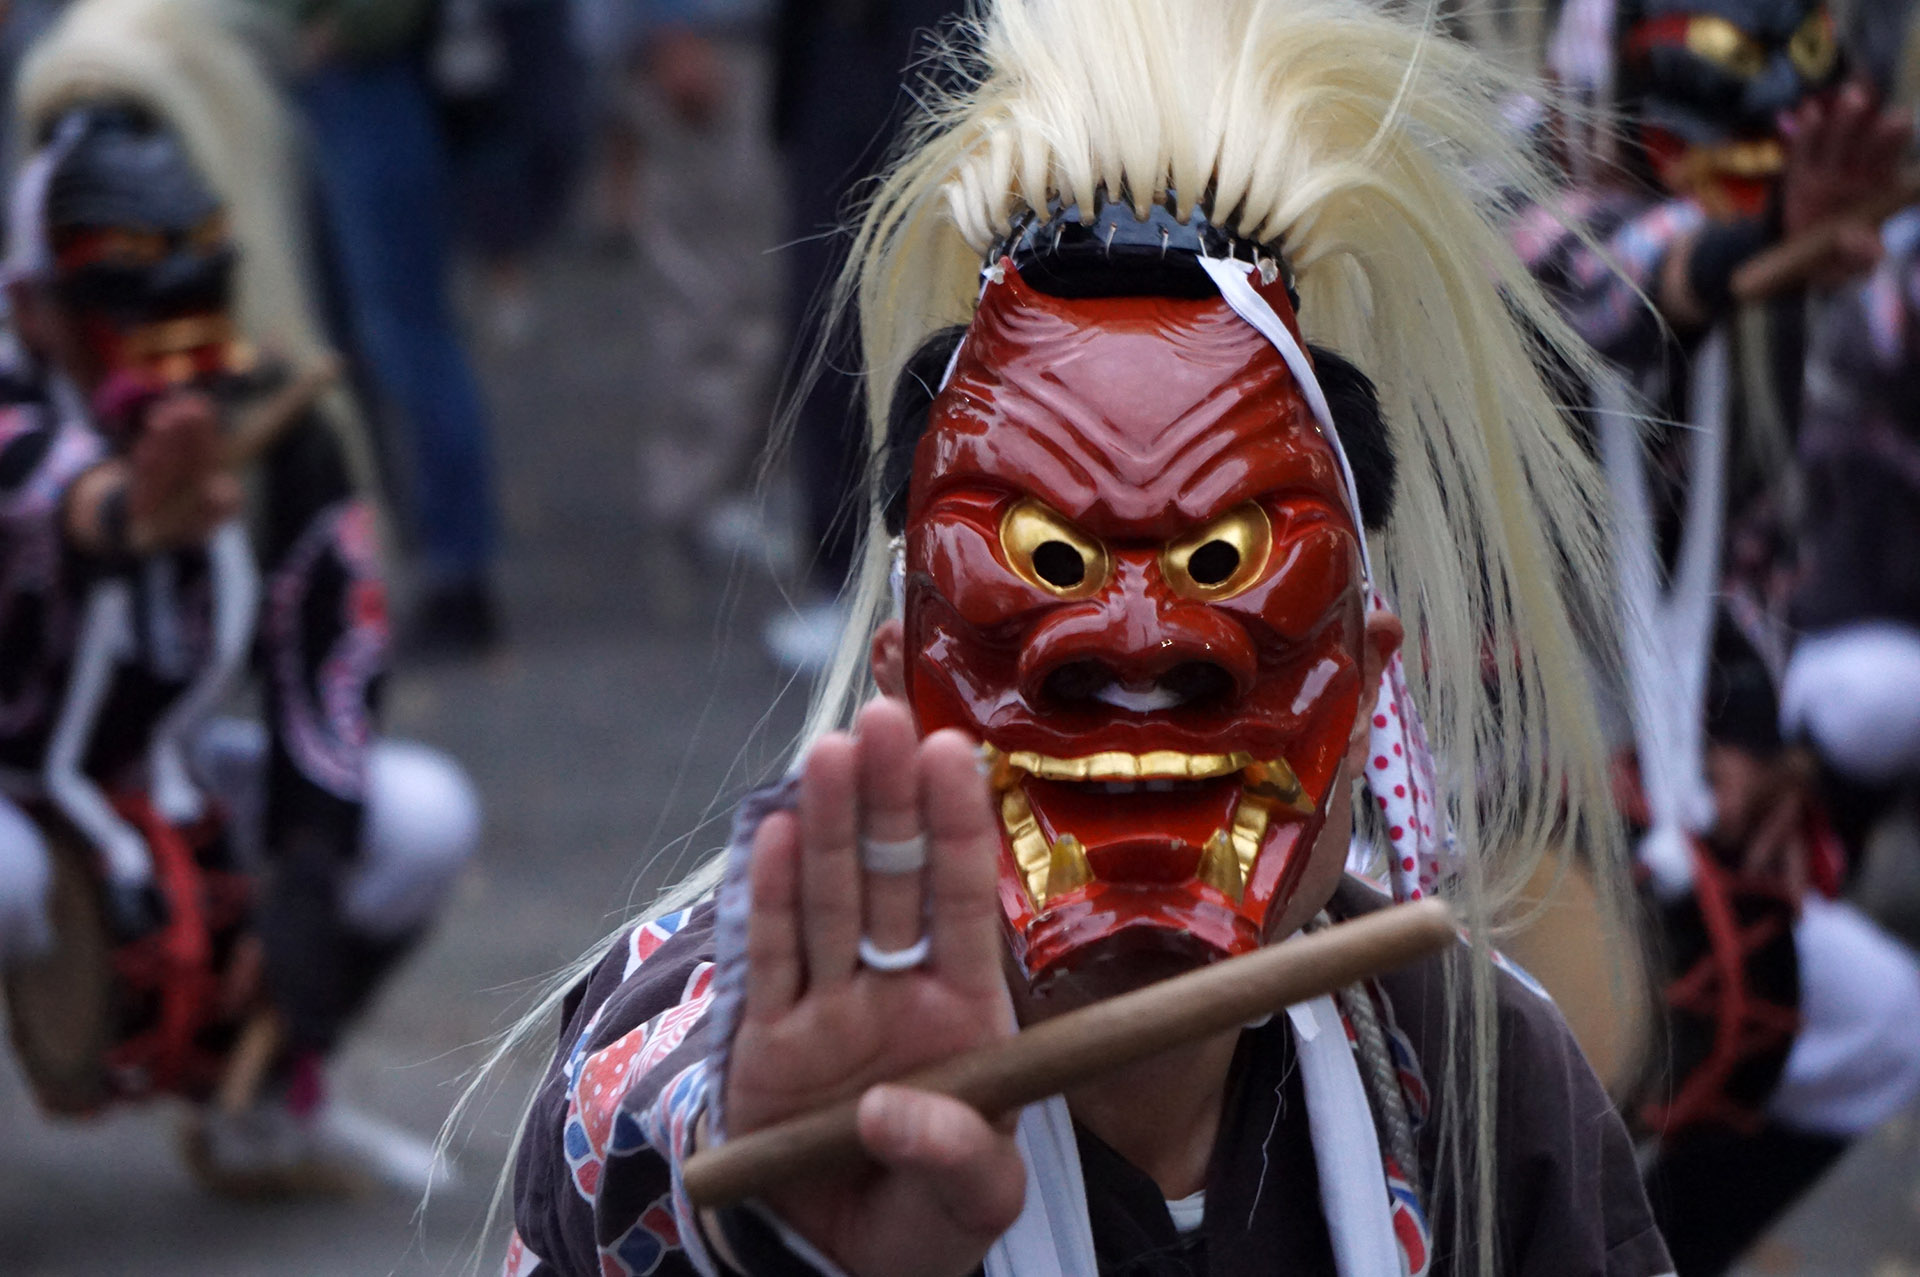 琴路神社秋祭りの面浮立